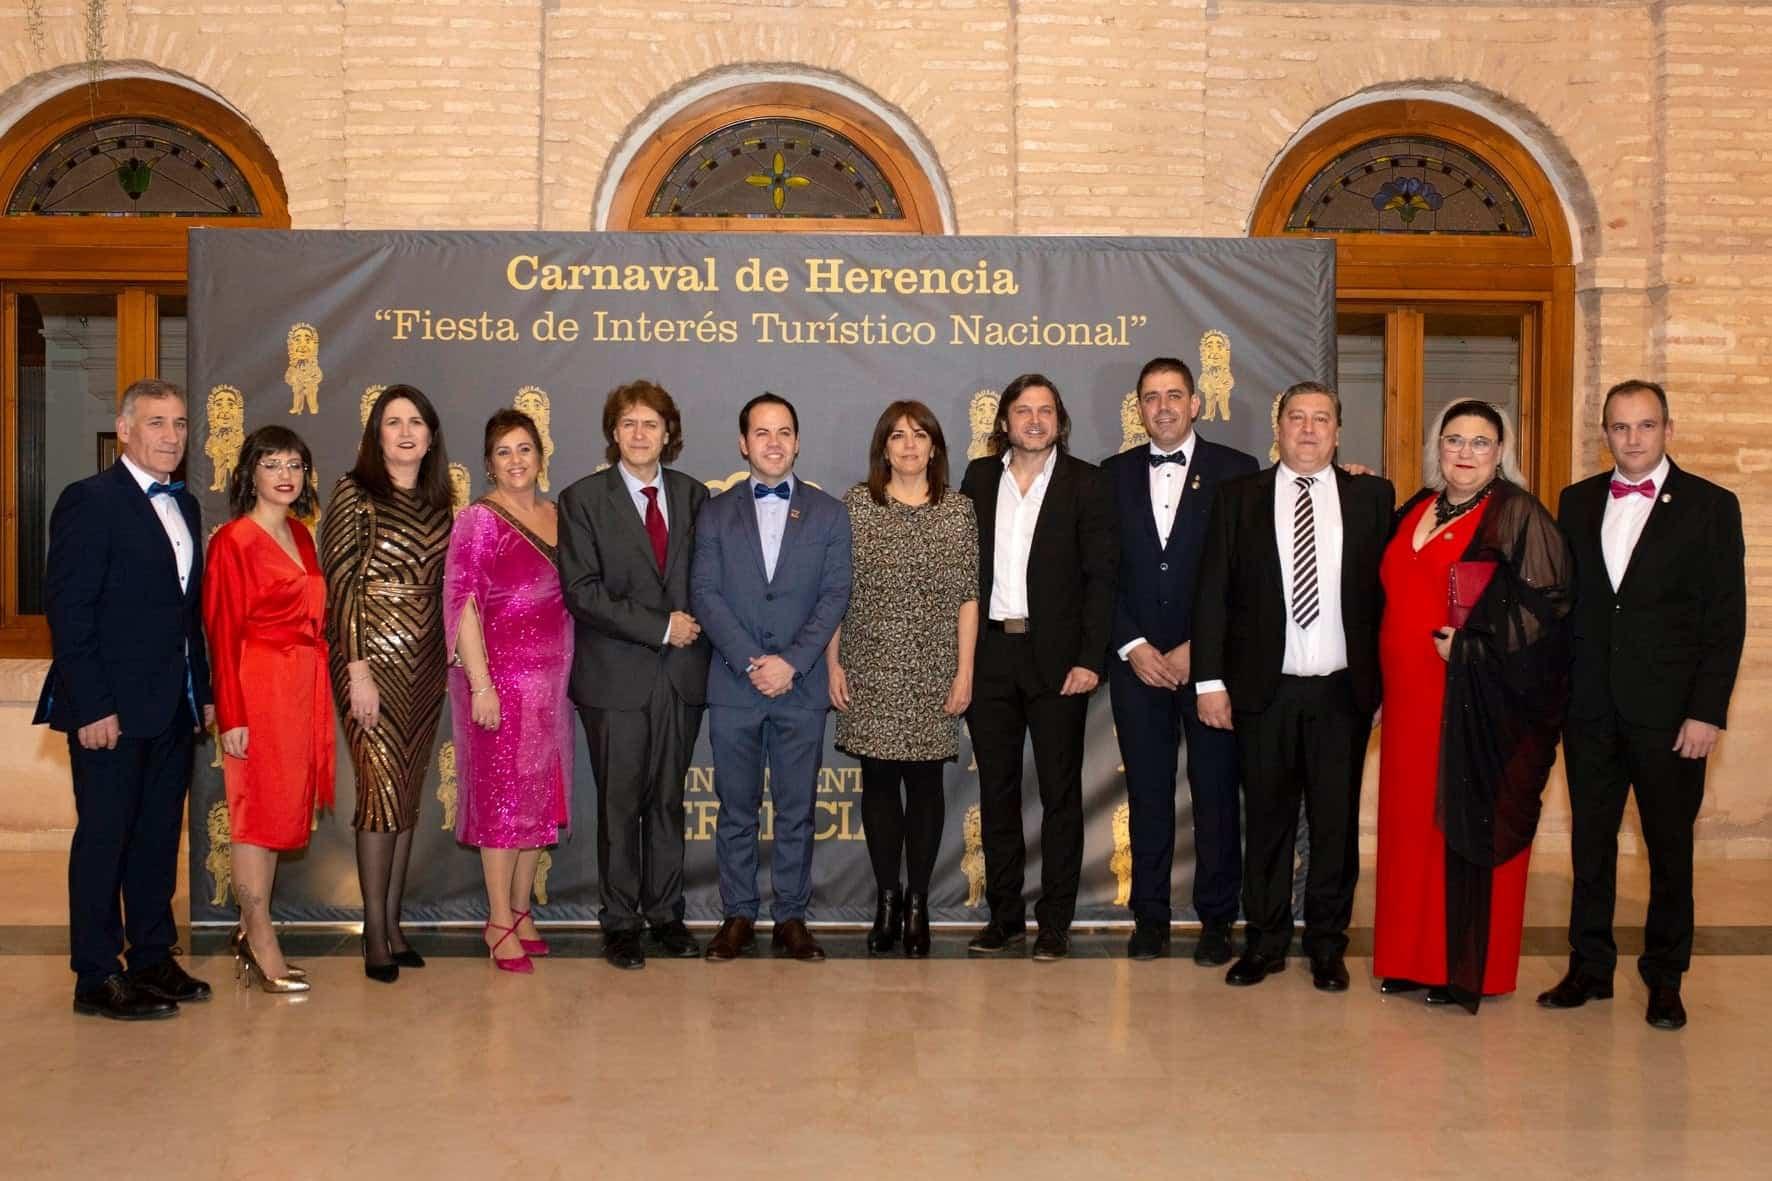 Inauguración del Carnaval de Herencia 2020 137